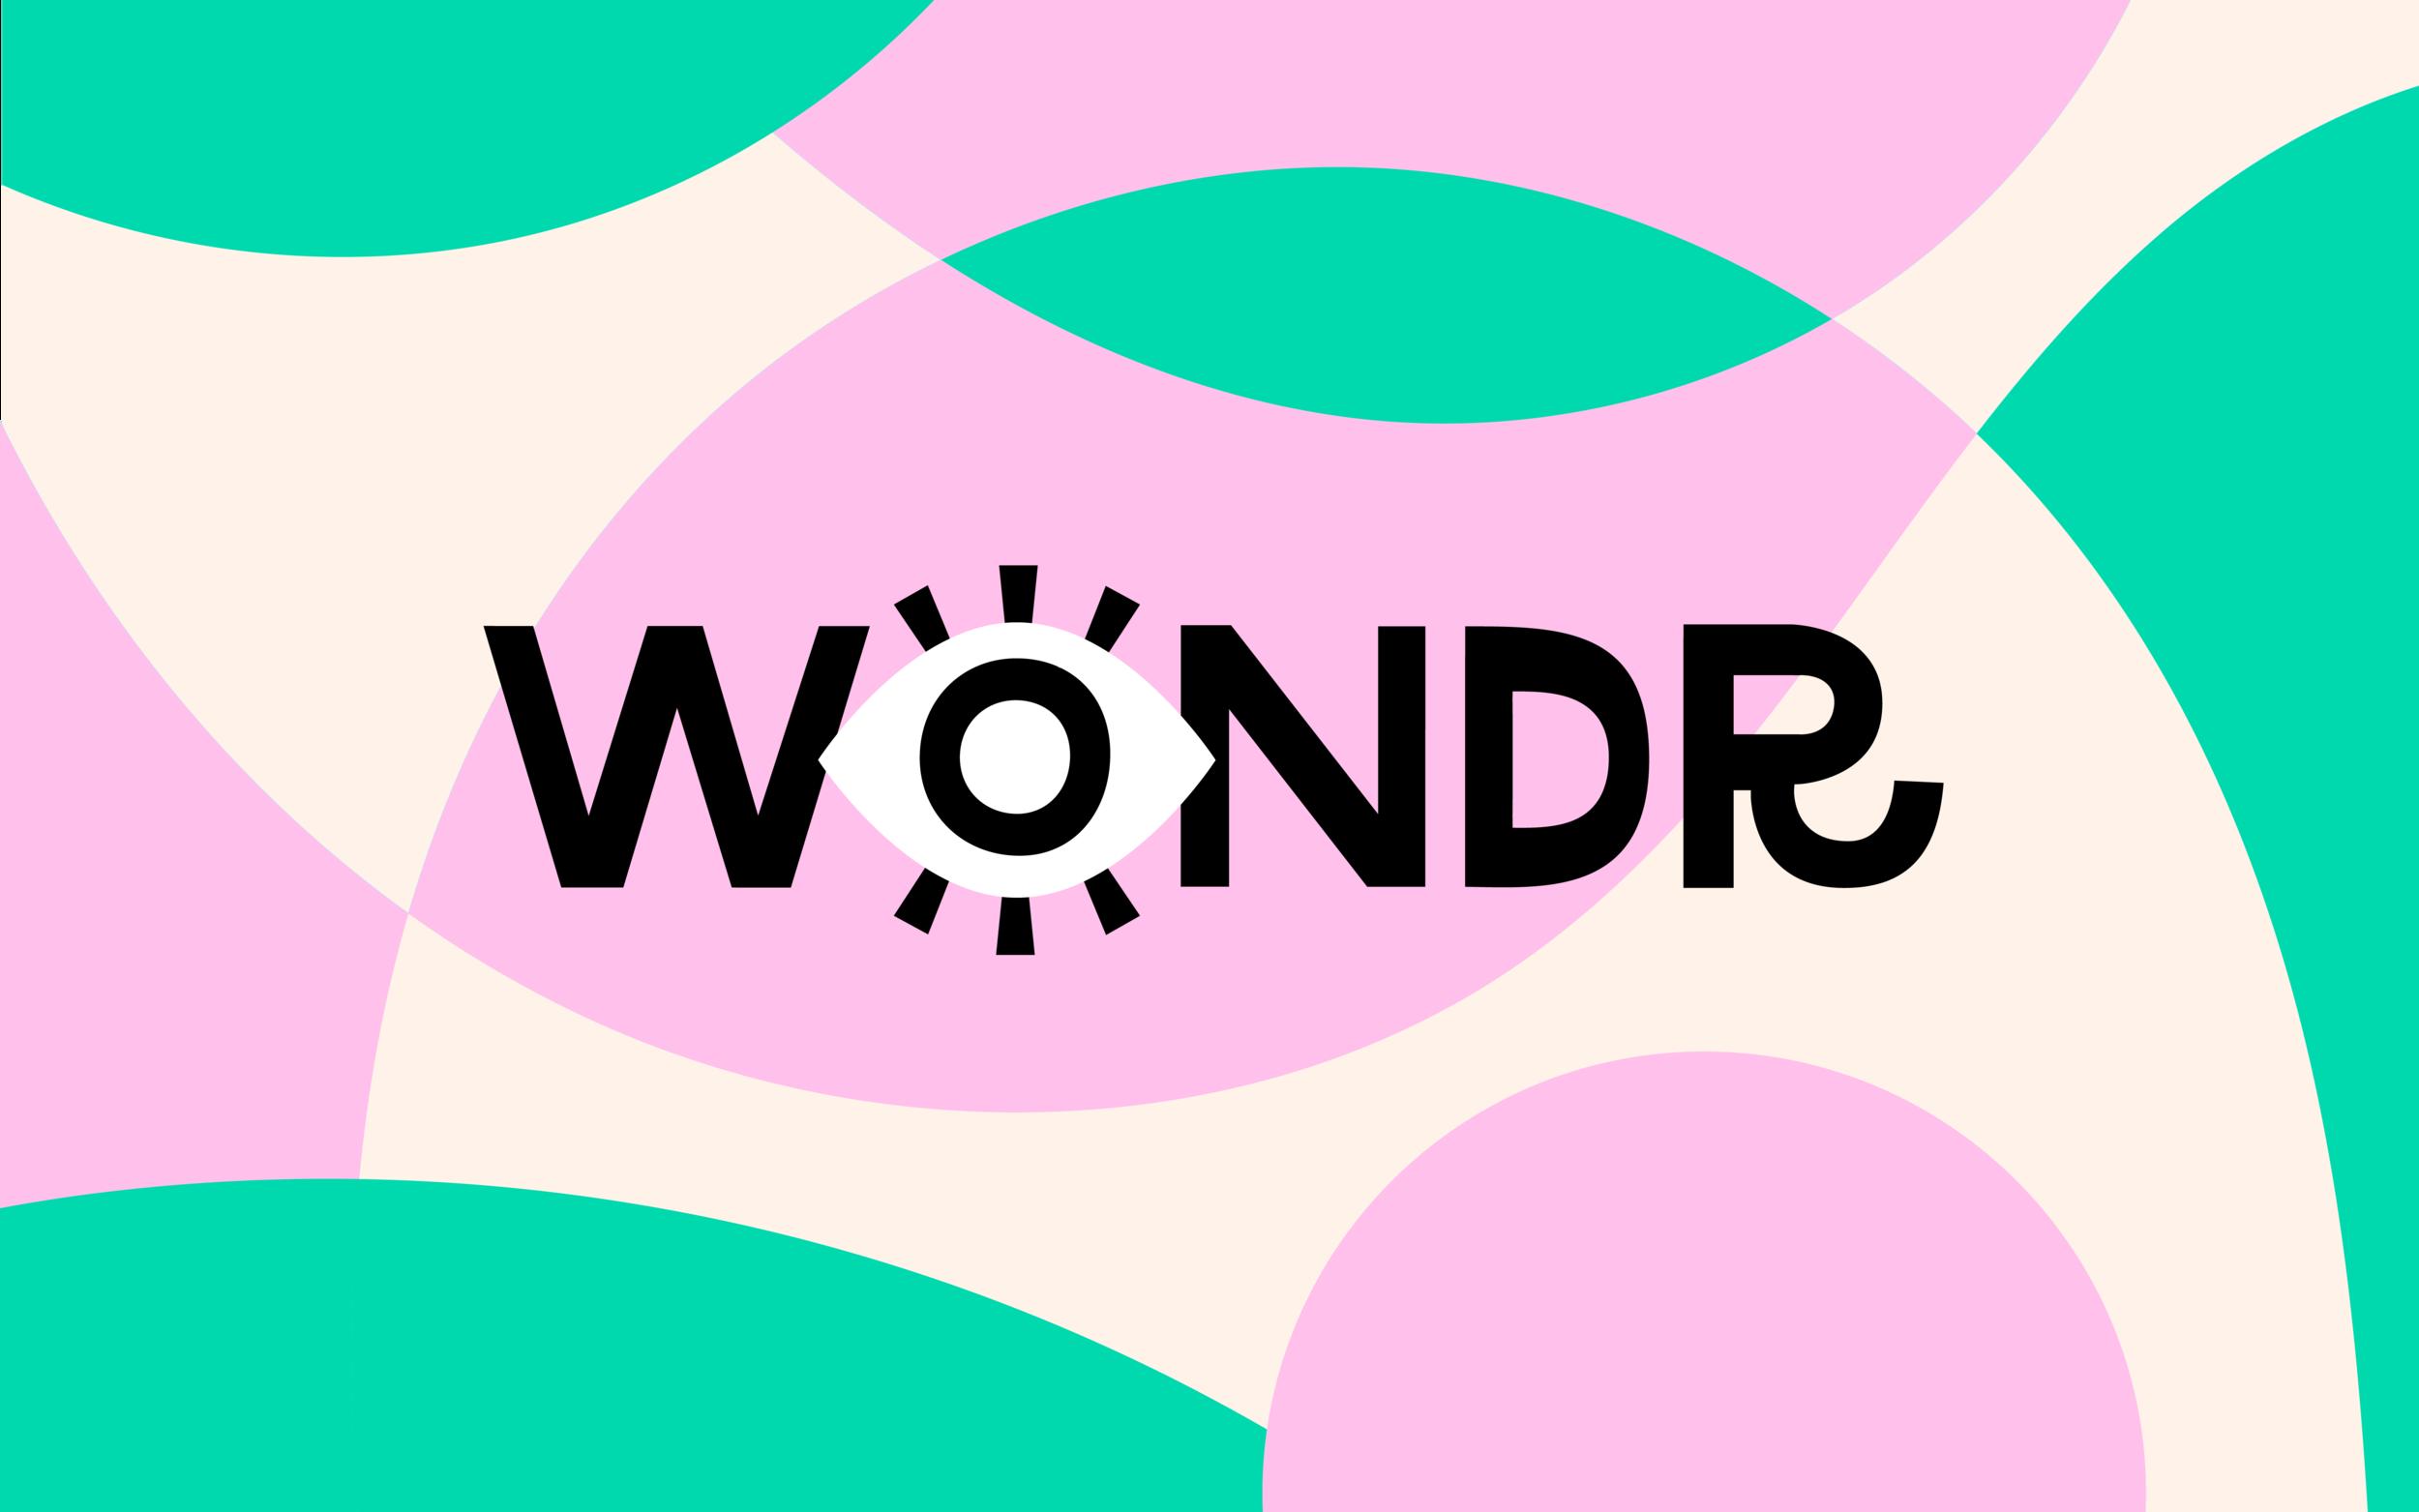 wondr experience - visual identity